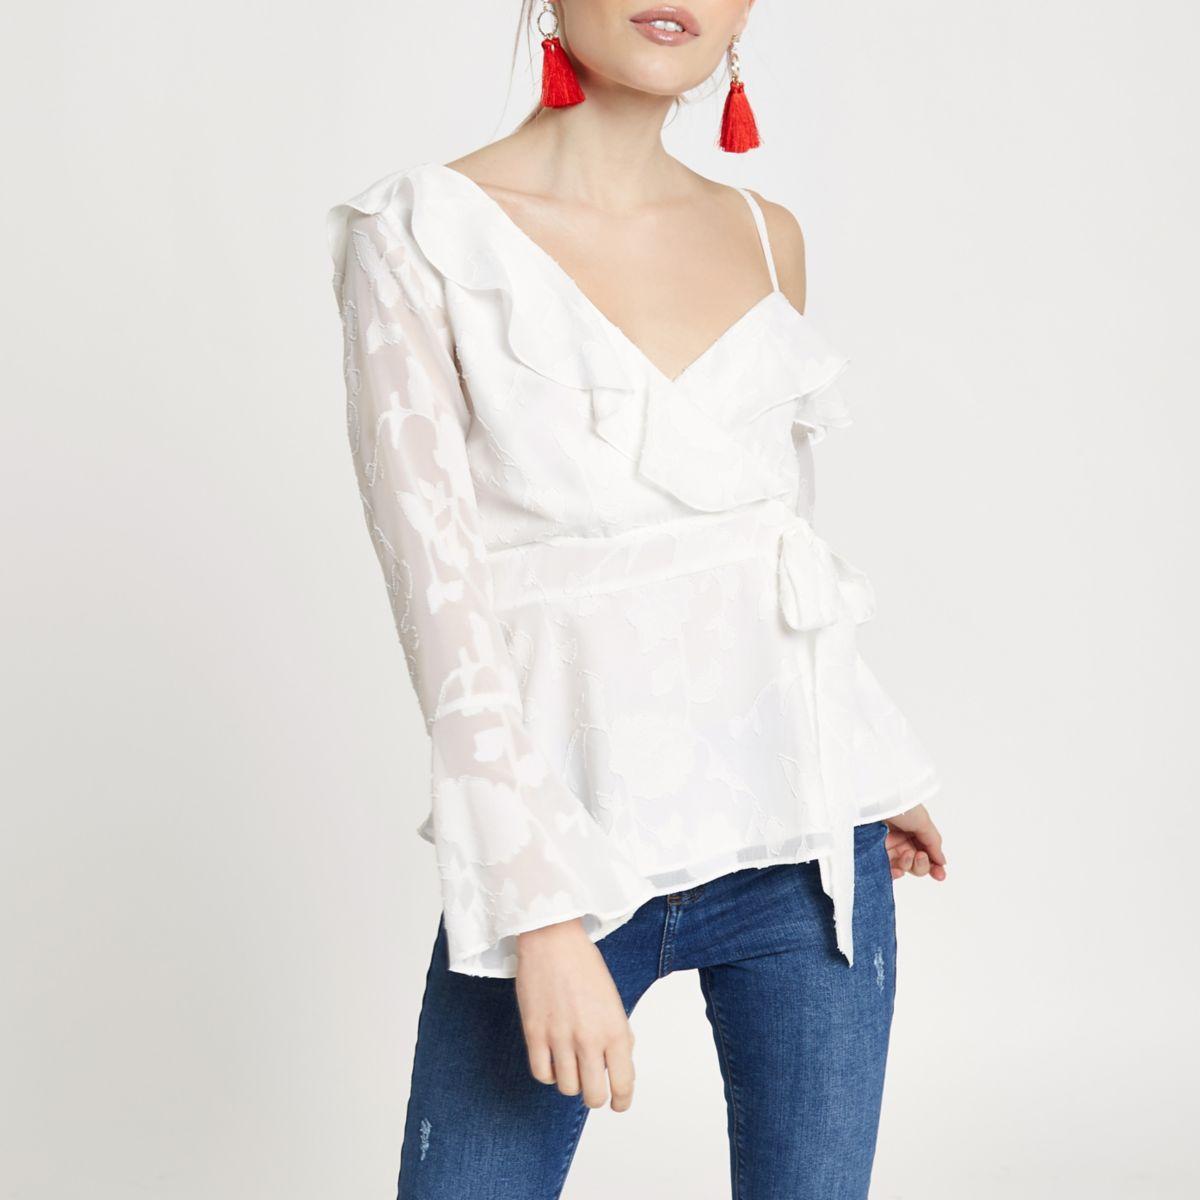 Petite white jacquard one shoulder blouse